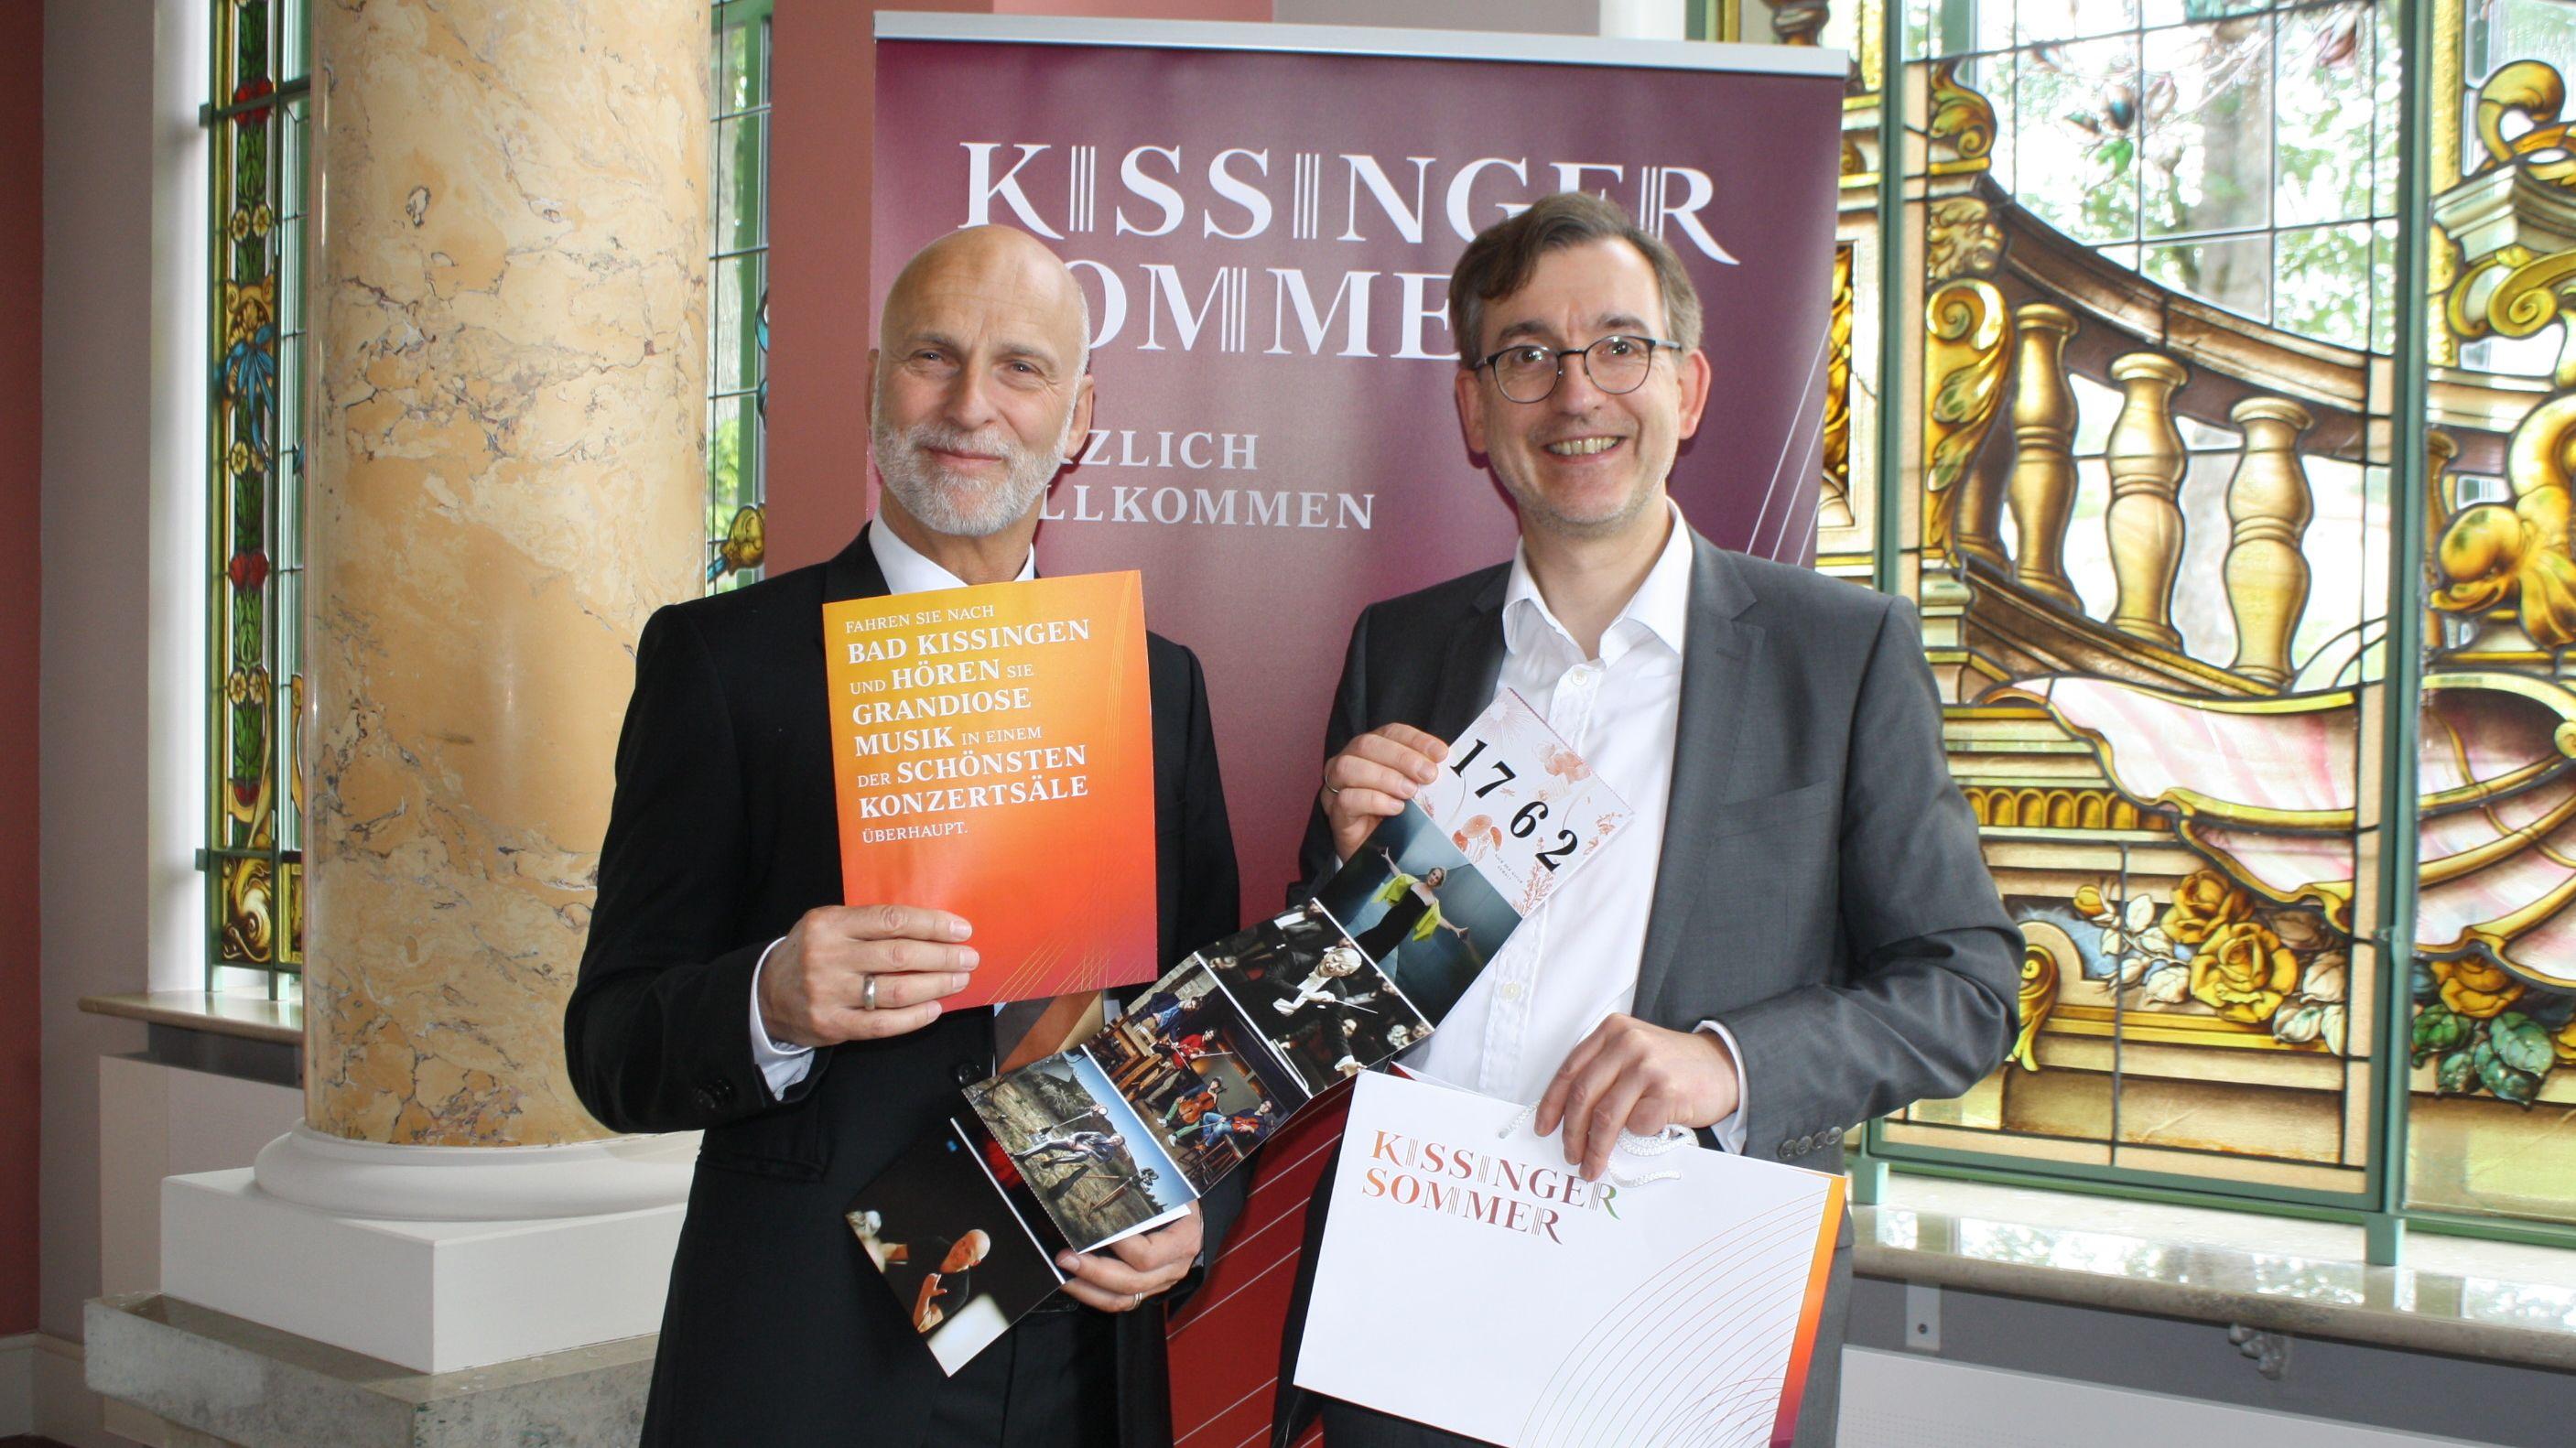 Oberbürgermeister Kay Blankenburg und Intendant Tilman Schlömp präsentieren das diesjährige Programm des Kissinger Sommers.